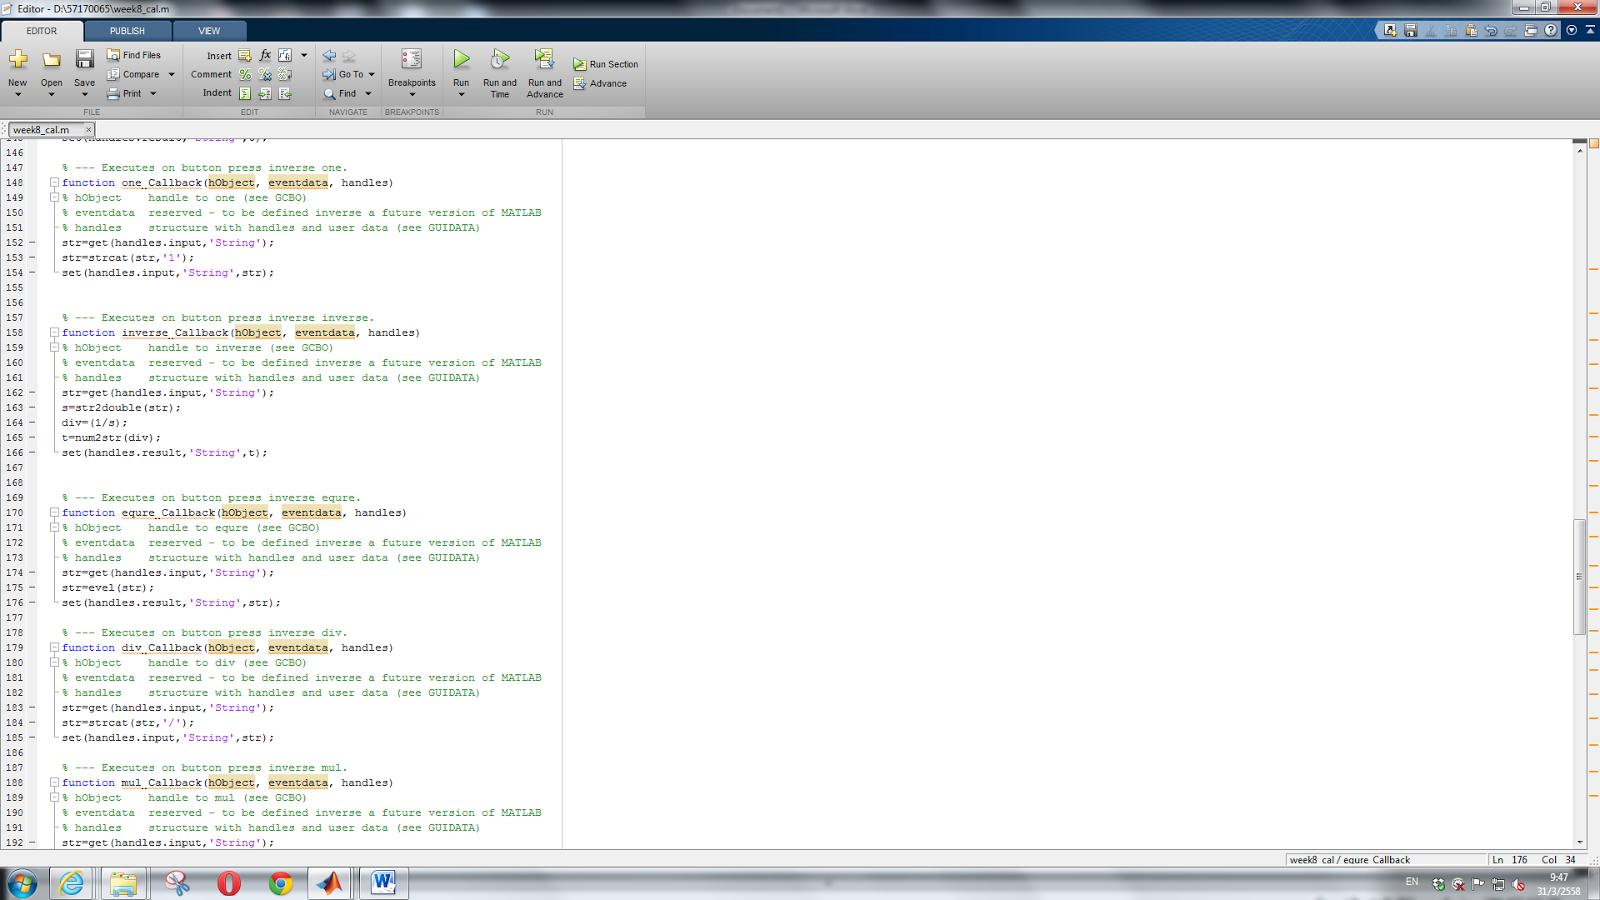 หลักการเขียนโปรแกรมภาษาC: หลักการเขียนโปรแกรมภาษาC